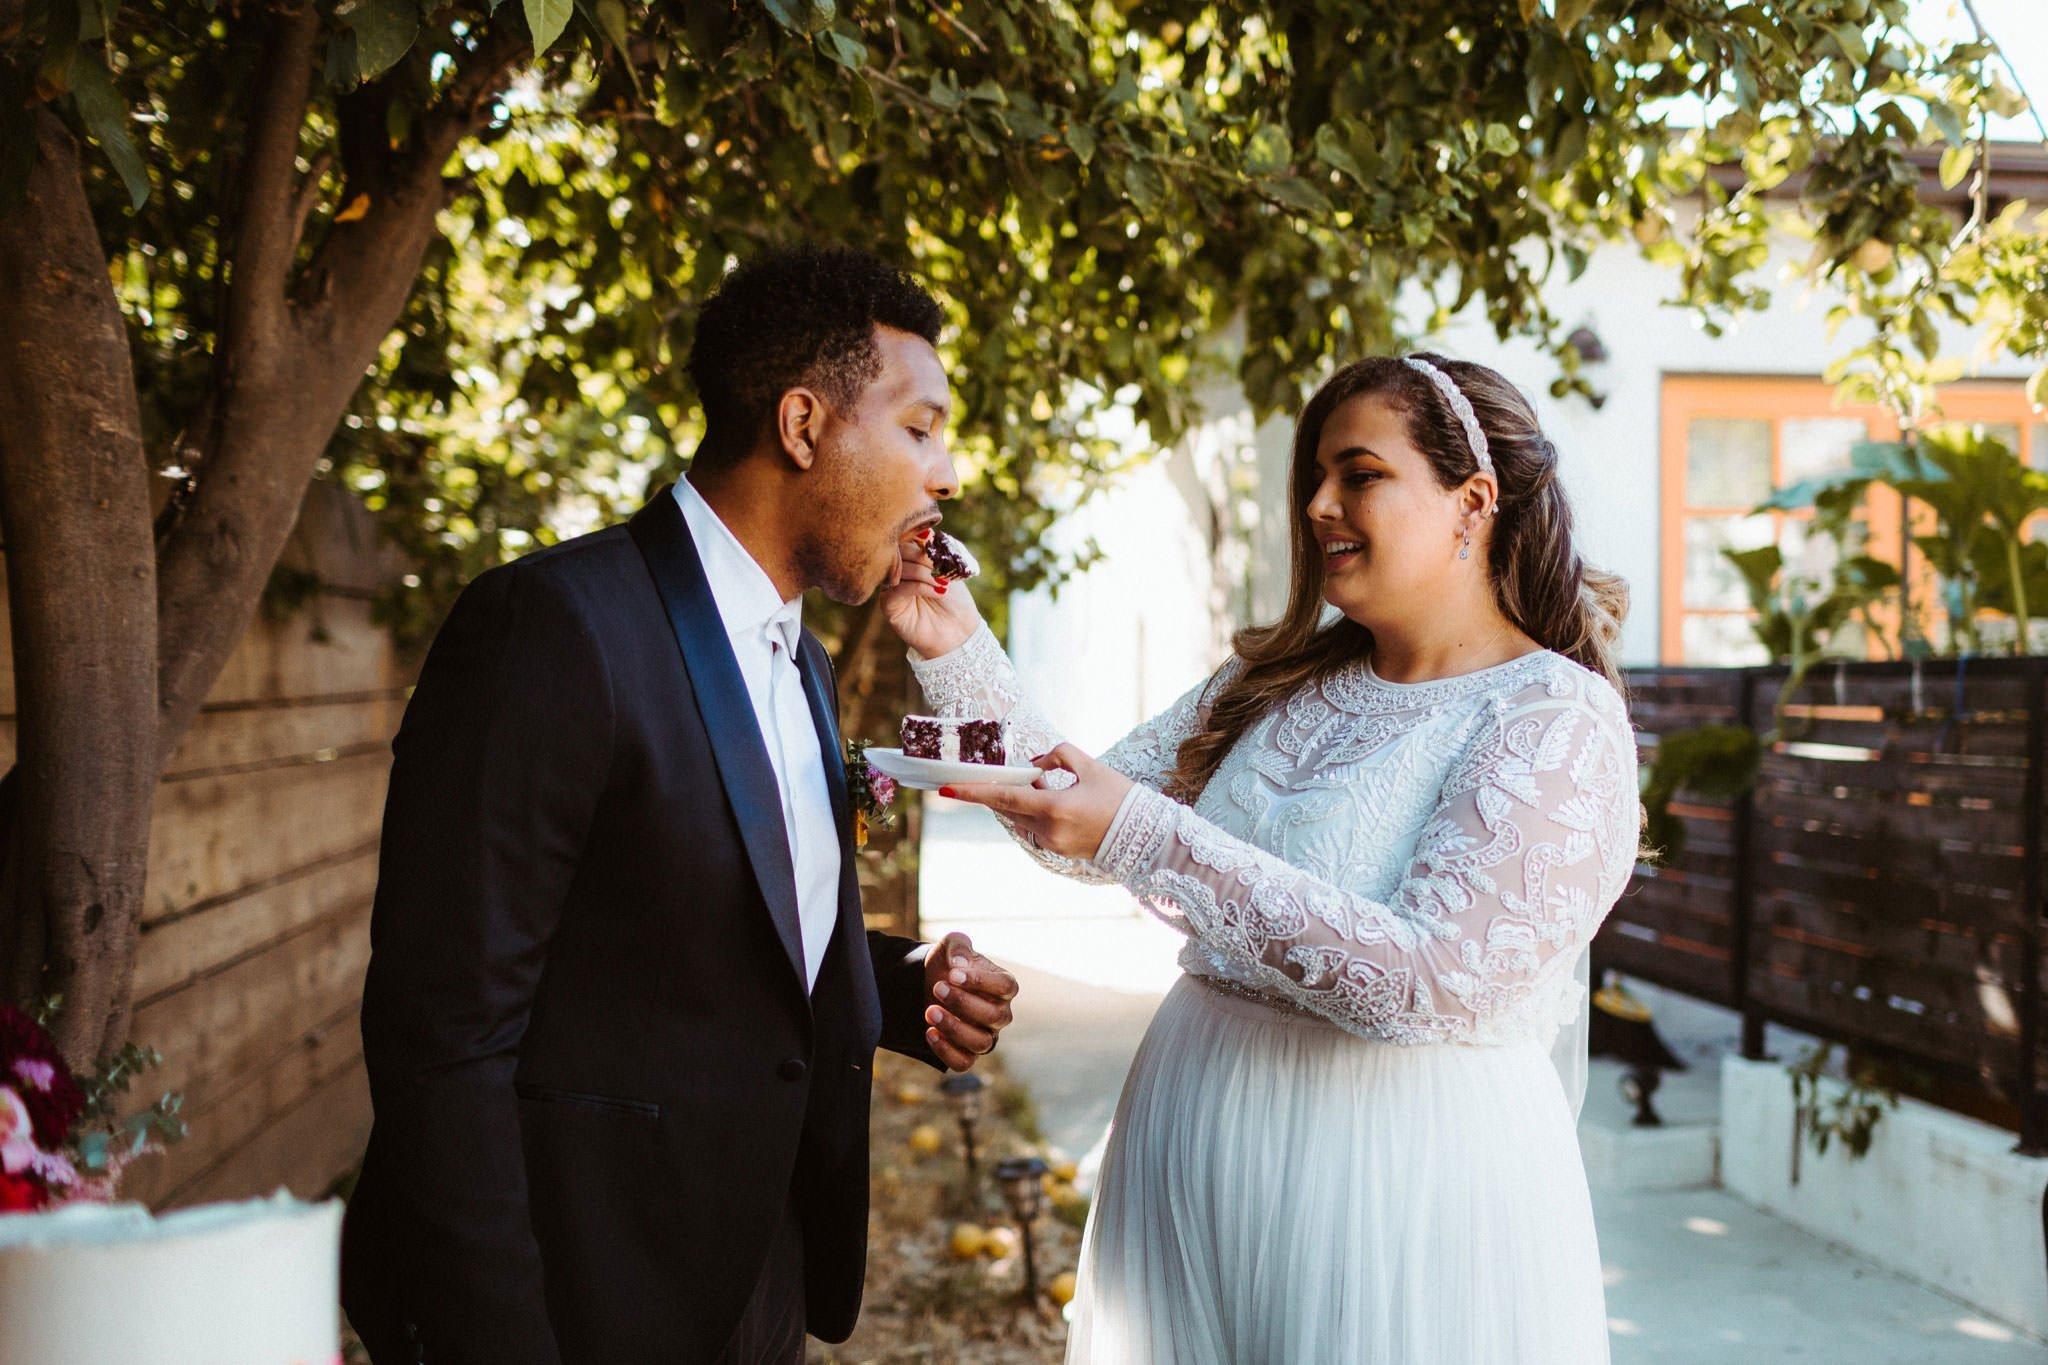 la elopement photos 061